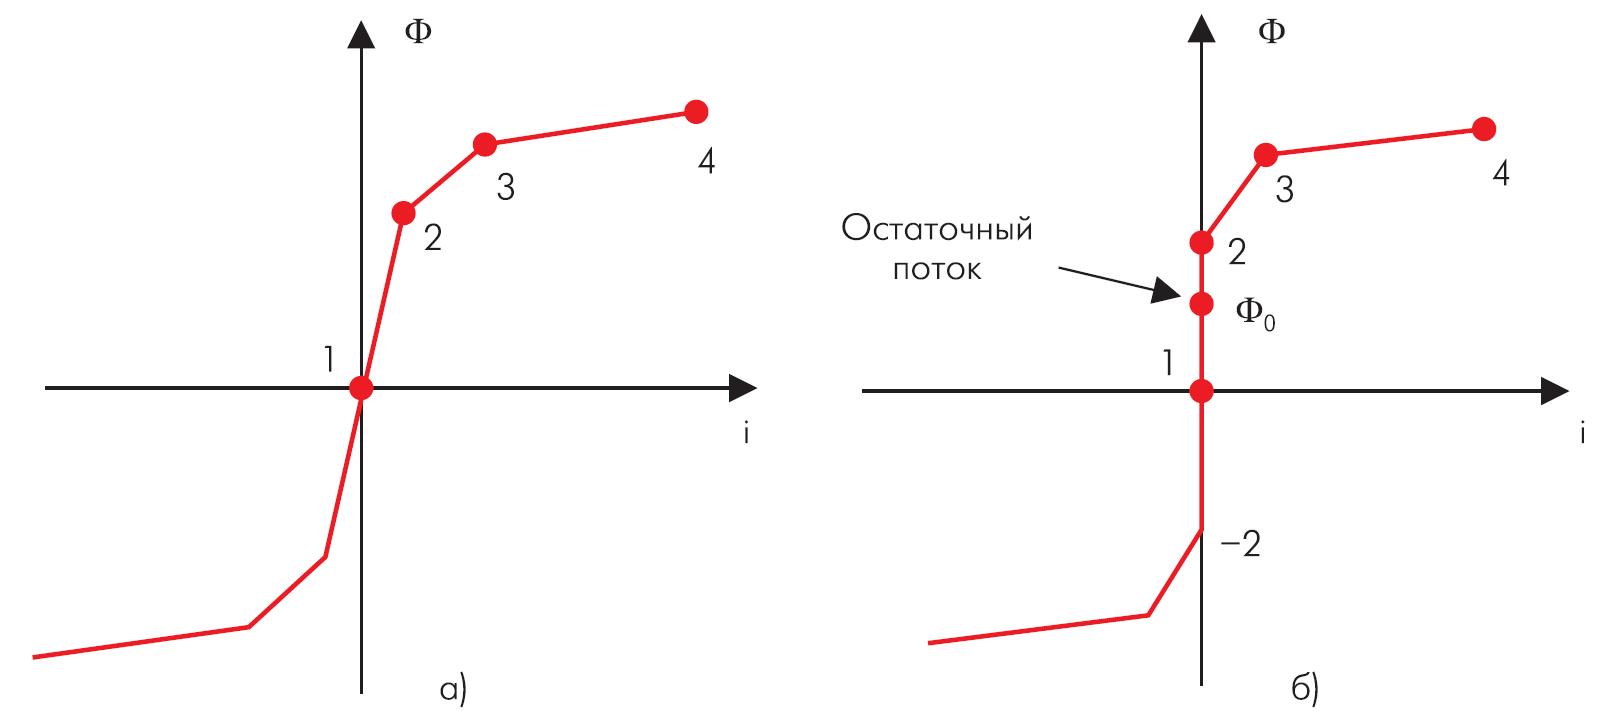 Нелинейная характеристика намагничивания сердечника трансформатора при отсутствии и наличии остаточного магнитного потока